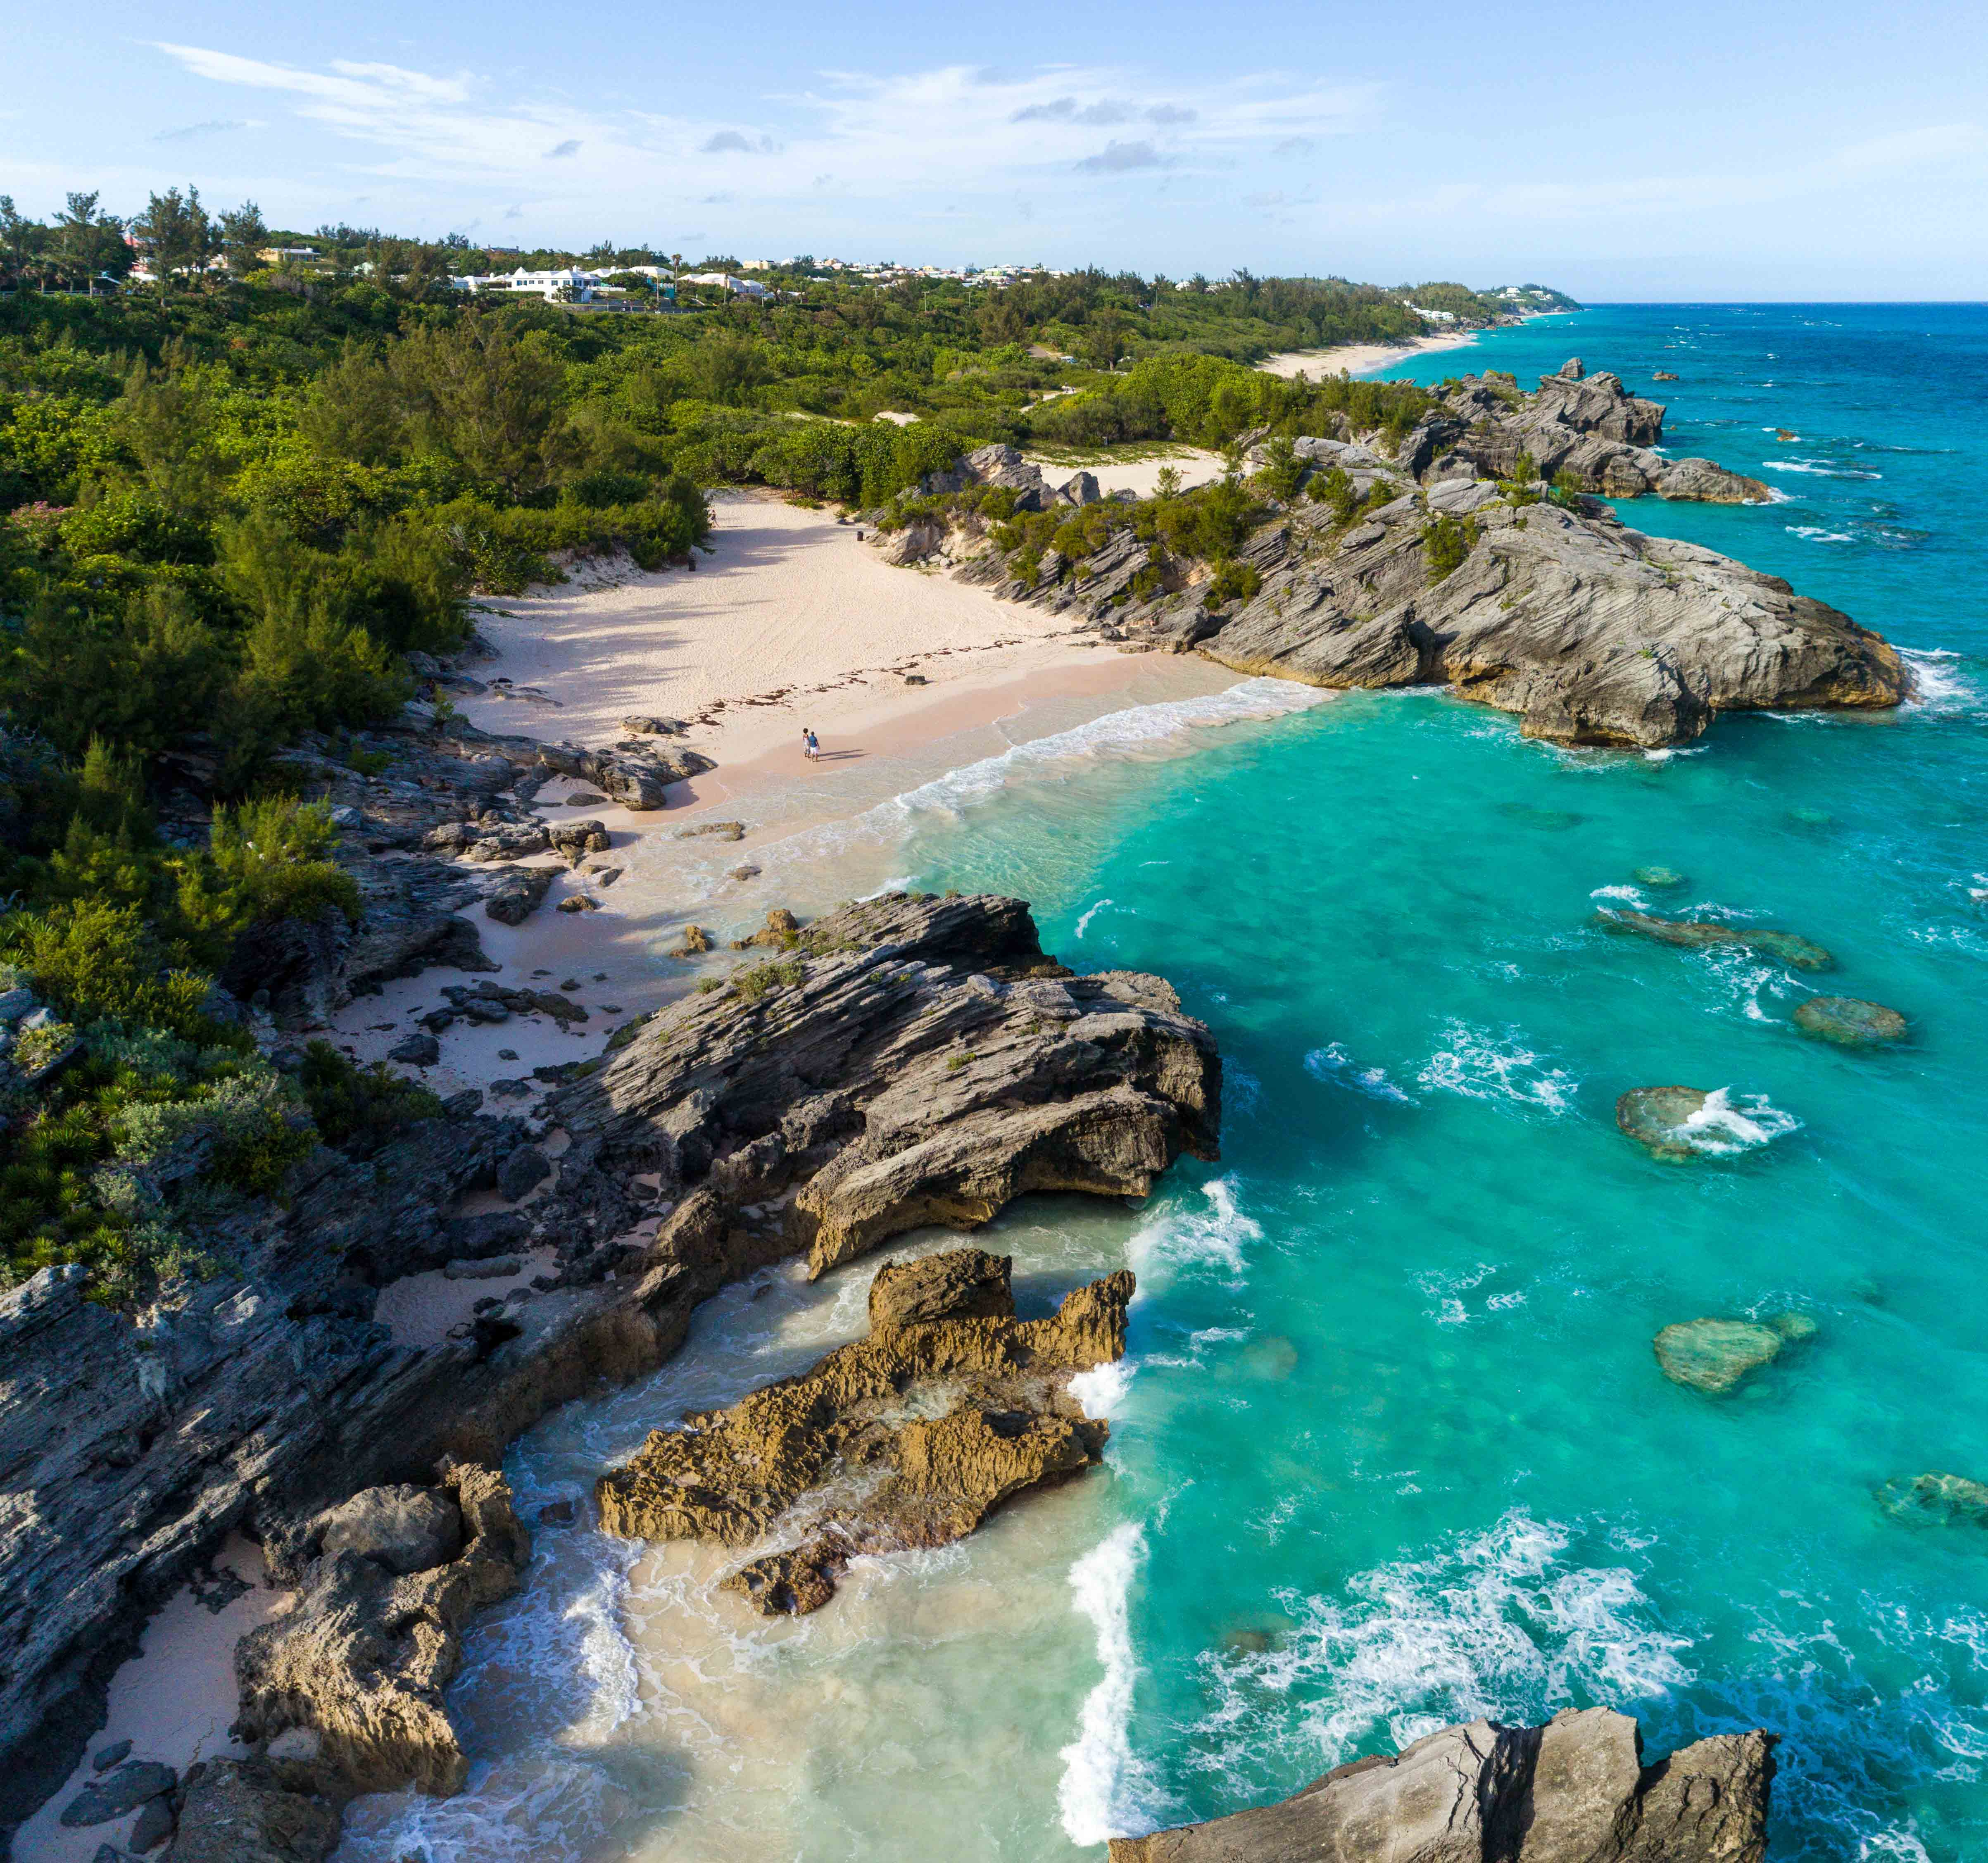 帆船,克利,环球,百慕大,航海 百慕大加盟世界最具挑战环球航海赛事  132656d7hsge5f